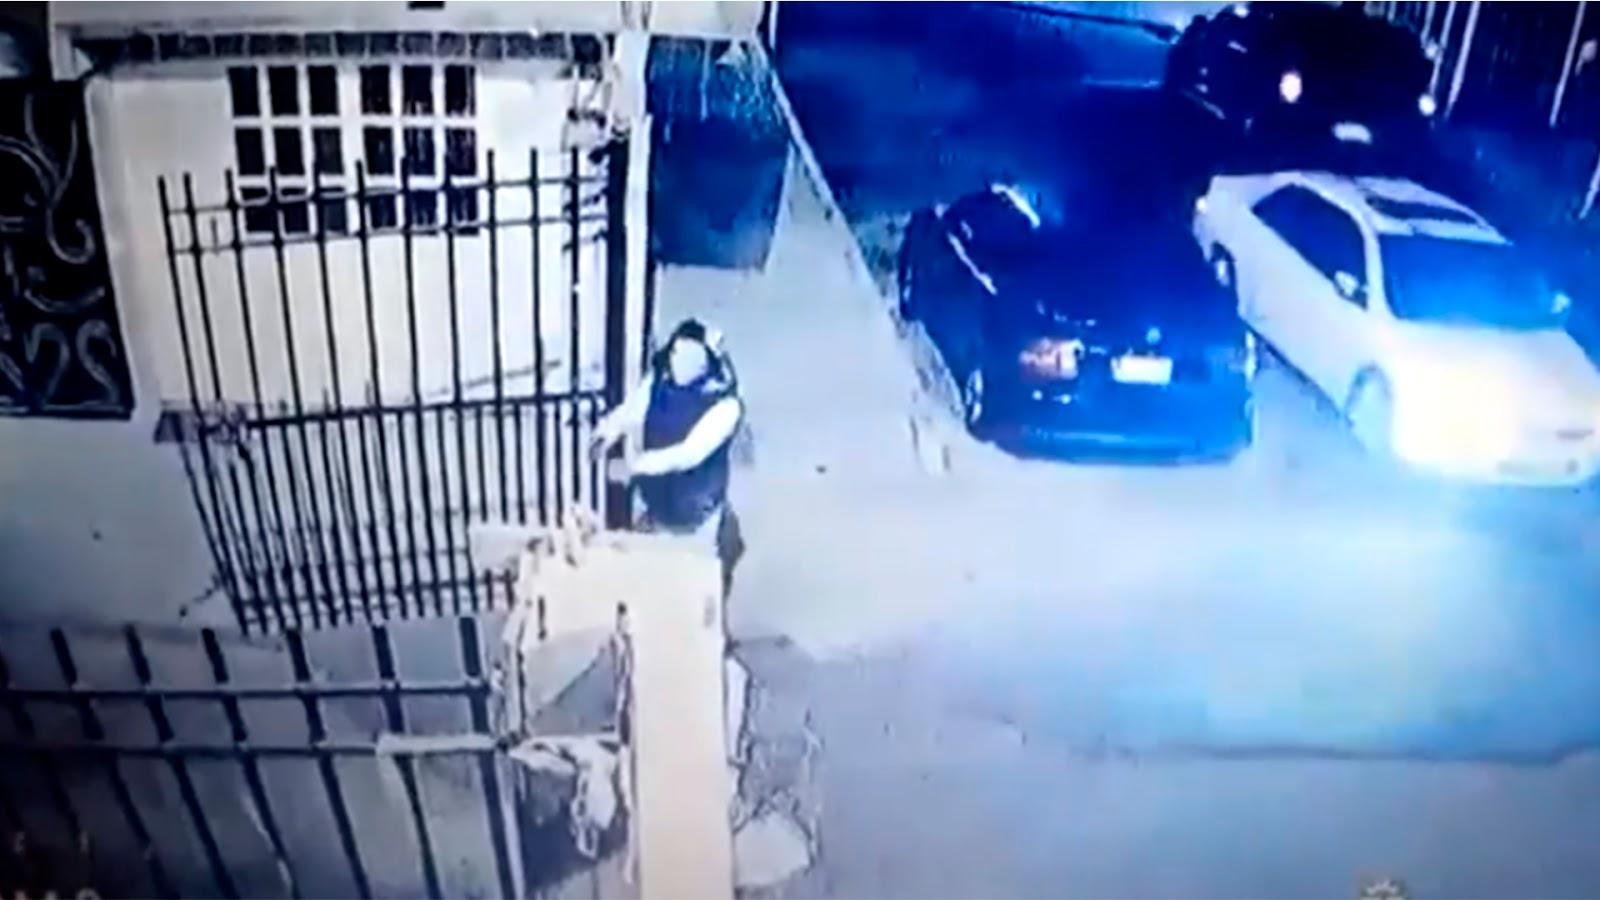 Encañonan a vecino para robarle su coche en la puerta de su casa (VIDEO).